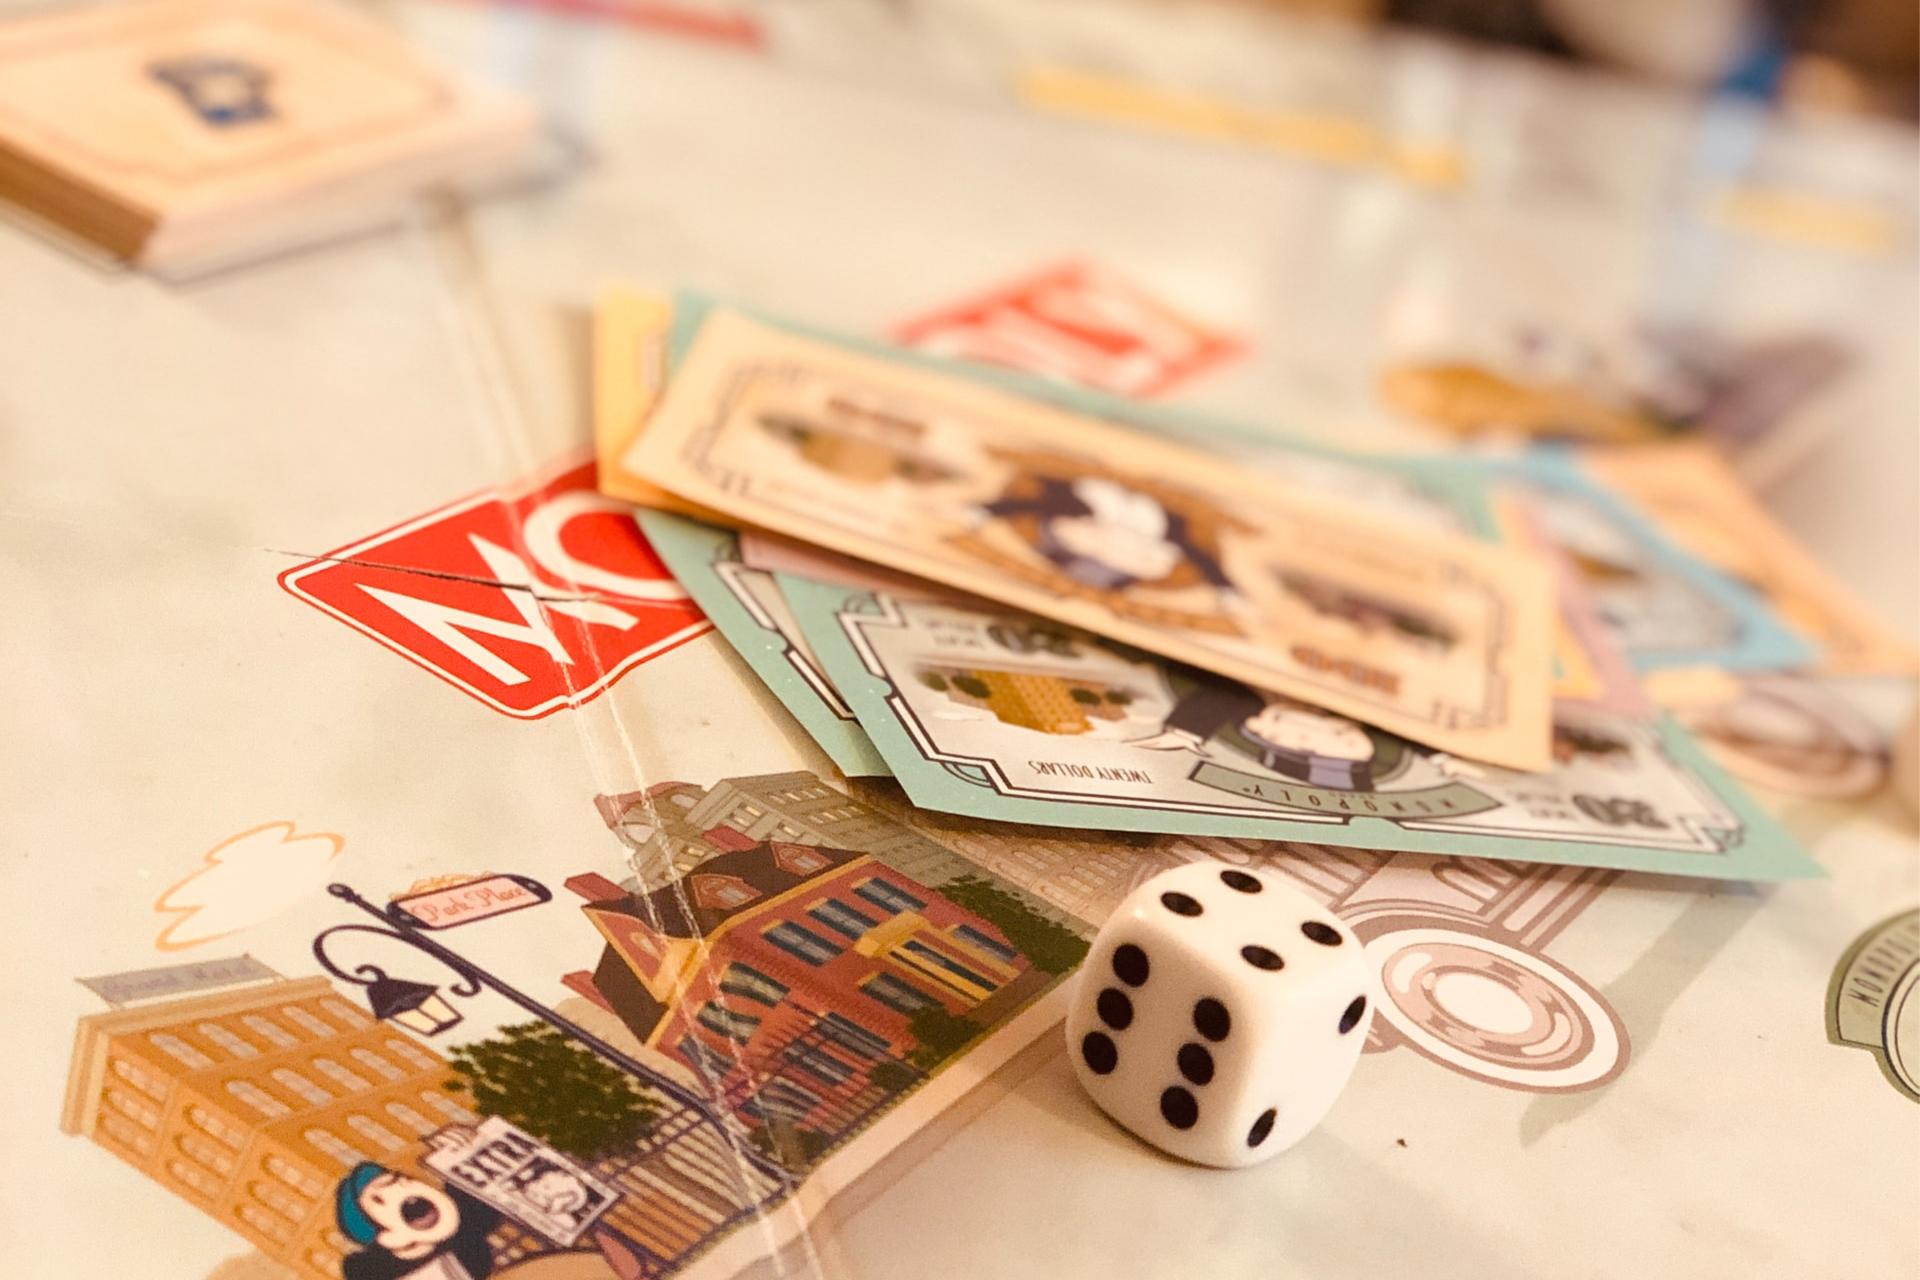 5 More Classic Board Games